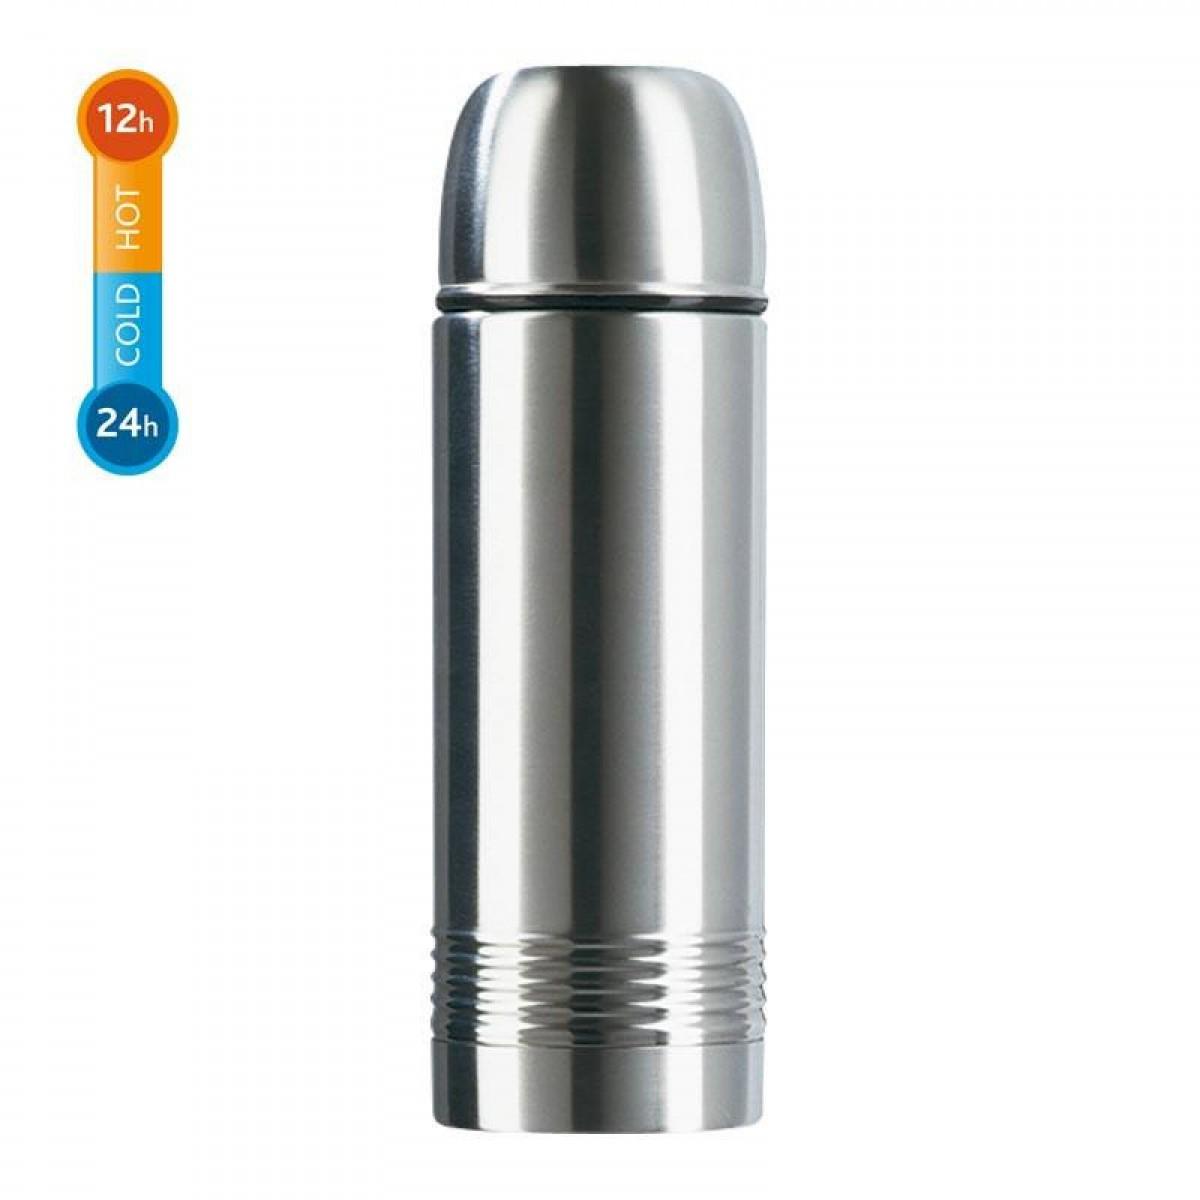 EMSA Senator termoflaske 0,5 ltr